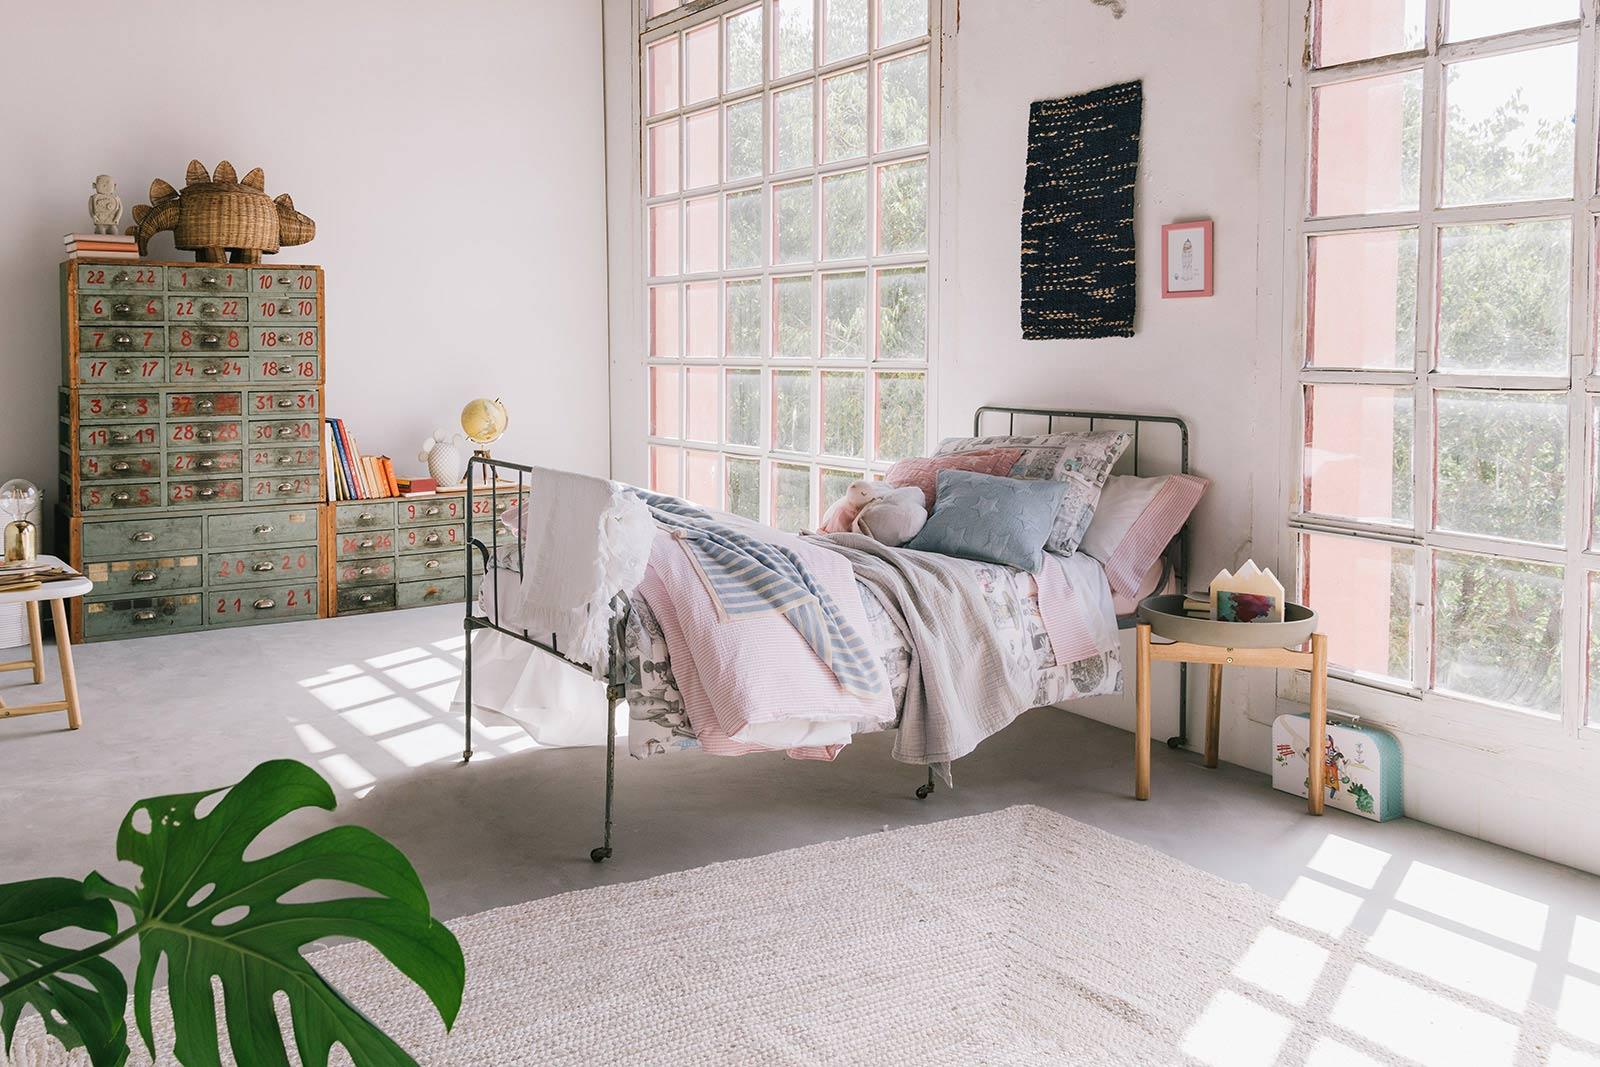 Awesome Oggetti Camera Da Letto Gallery - House Design Ideas 2018 ...